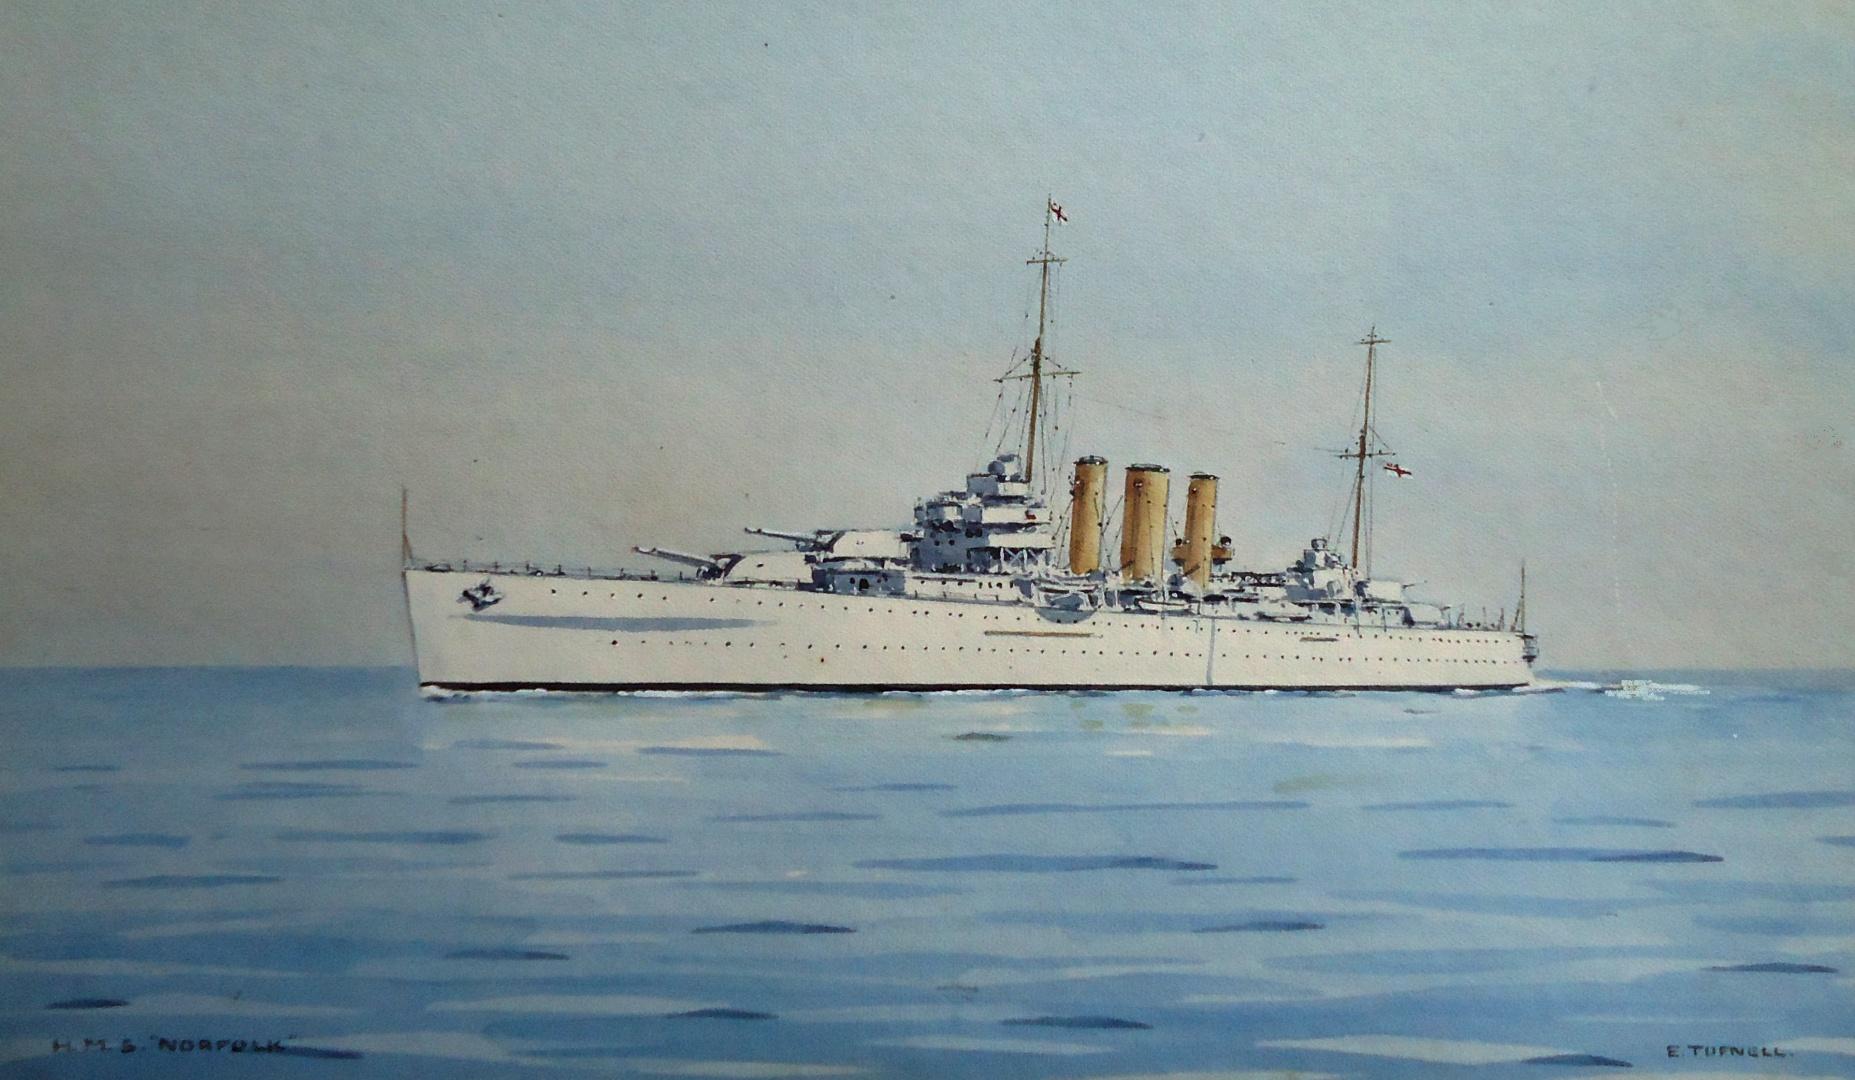 HMS NORFOLK, flagship of C-in-C East Indies, 1937